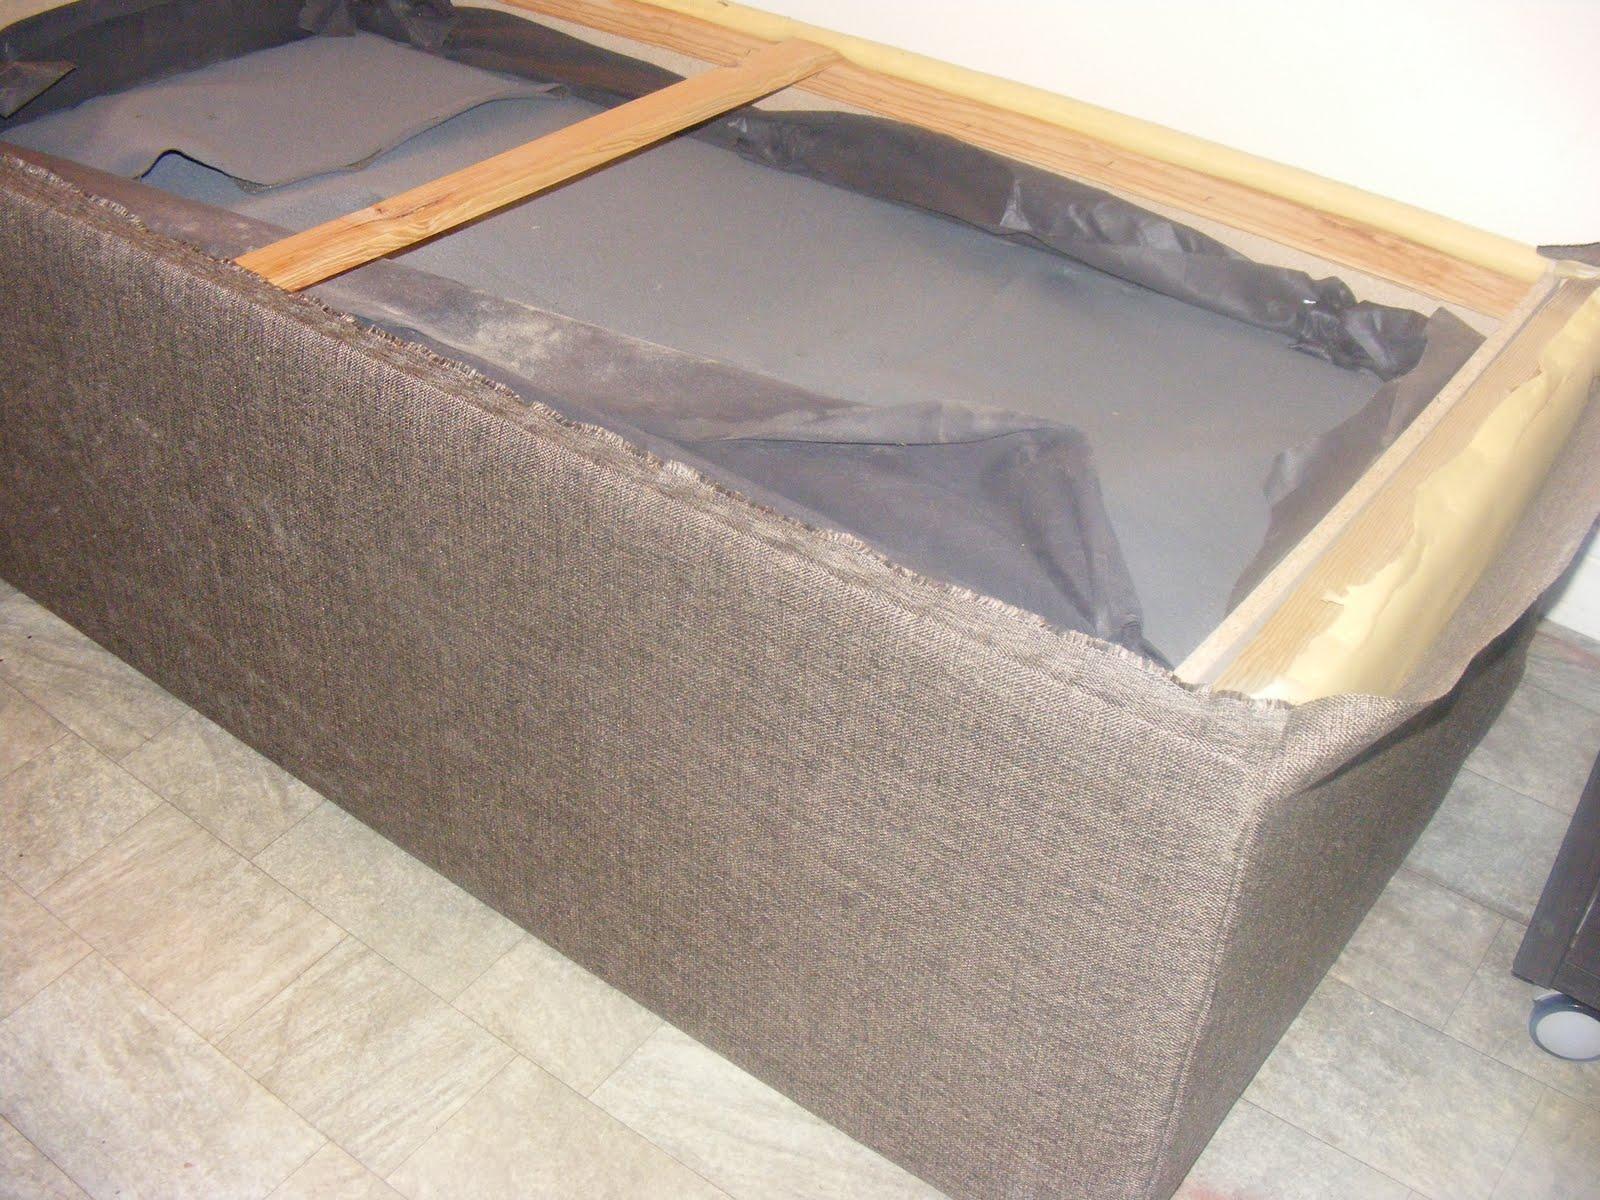 Neige de louange le jour o j 39 ai refais mon canap - Comment fabriquer un canape ...